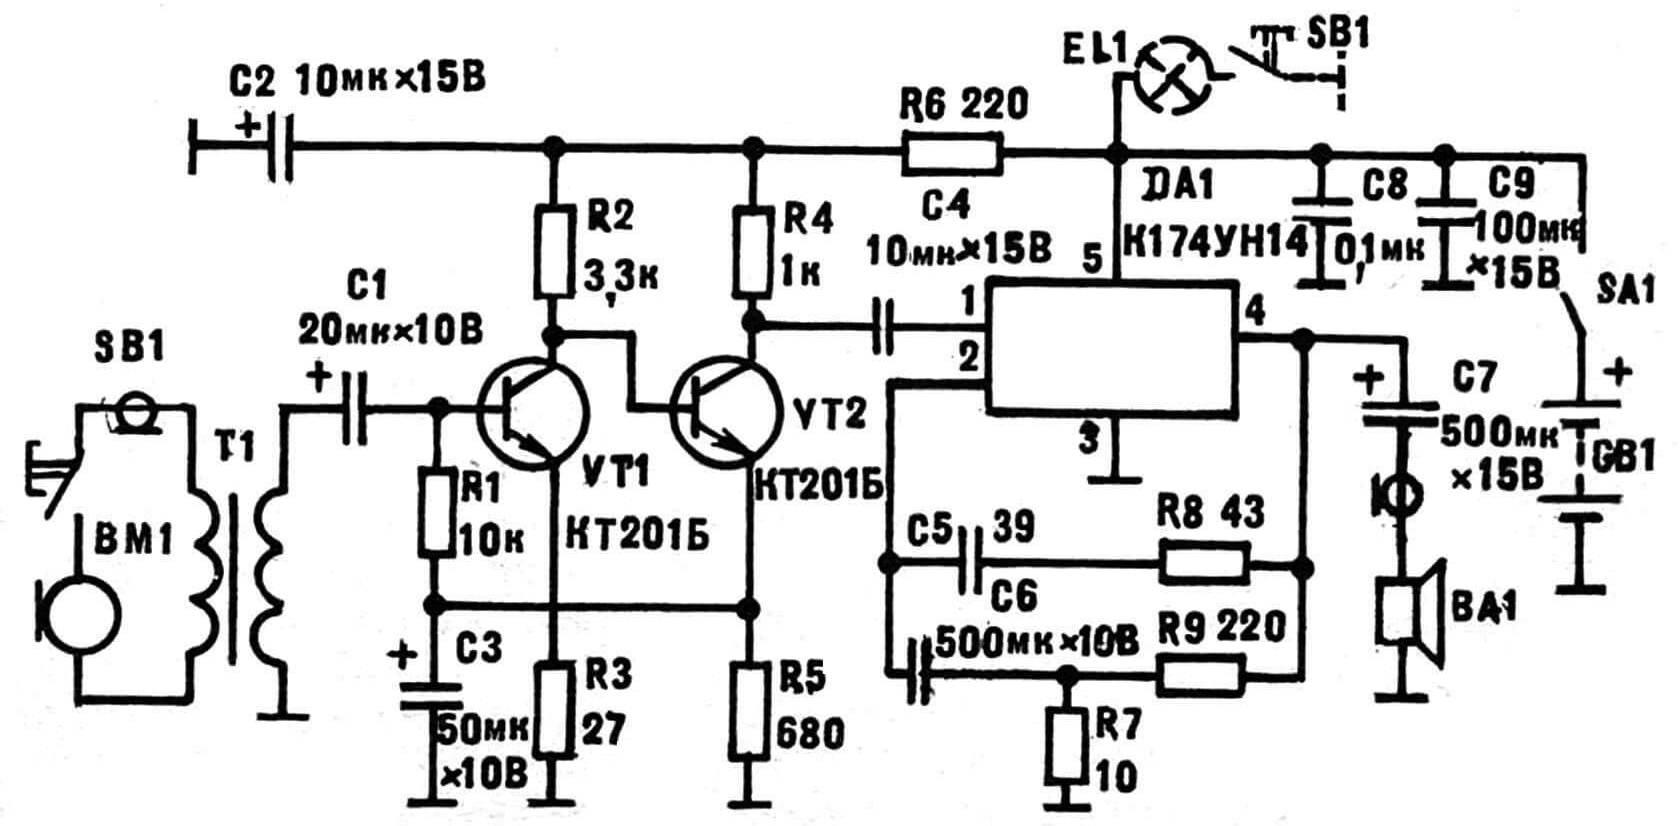 Рис. 3. Принципиальная электрическая схема самодельного радиомегафона.